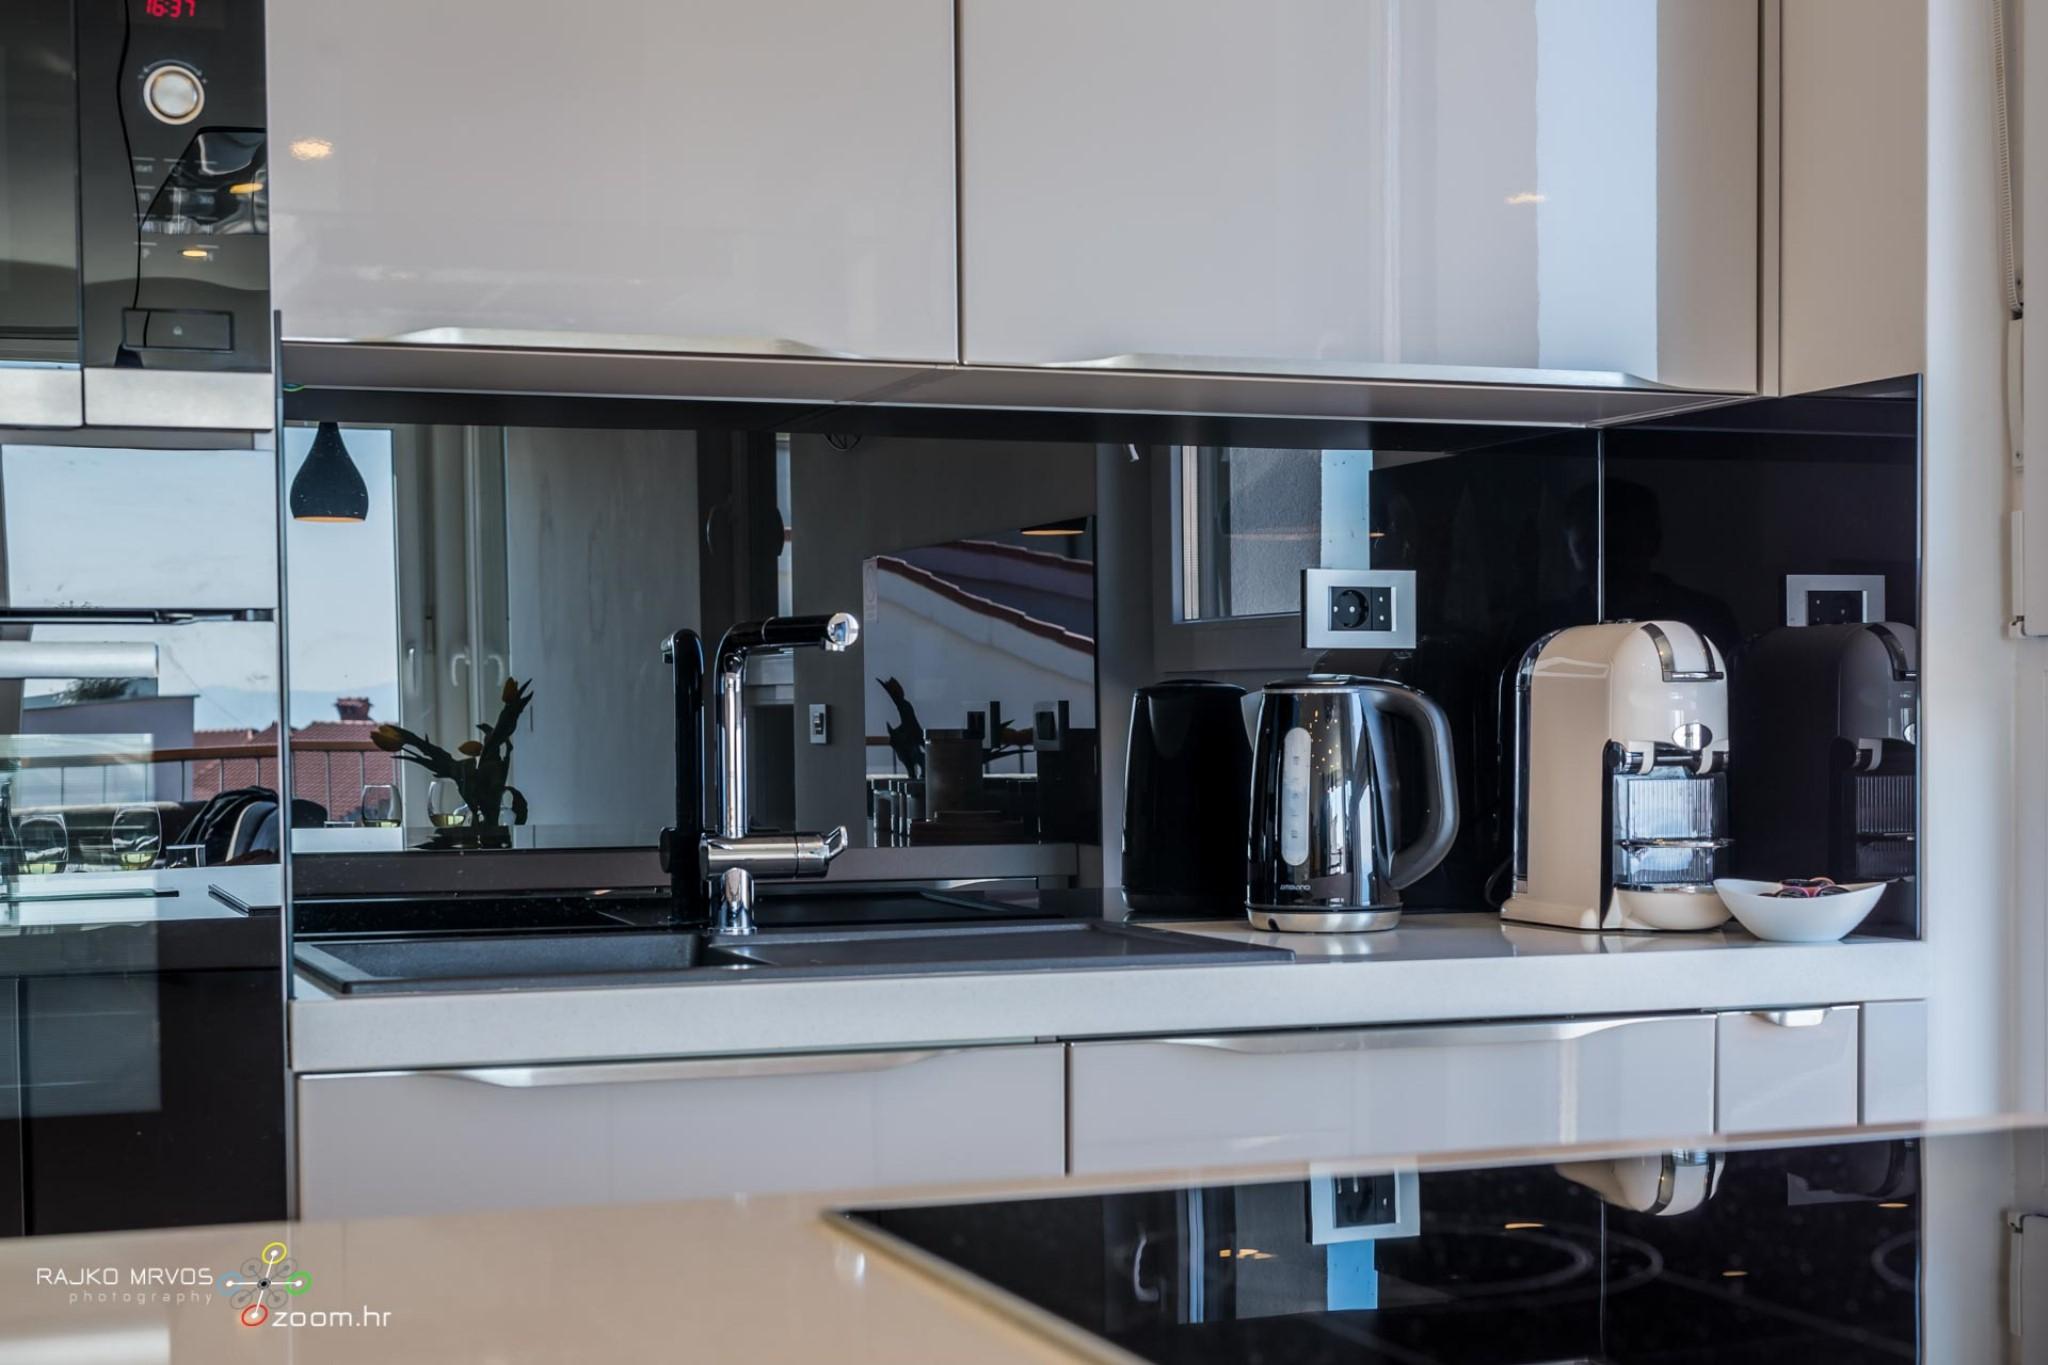 fotografiranje-interijera-fotograf-eksterijera-apartmana-vila-kuca-hotela-apartman-Pobri-Opatija-54